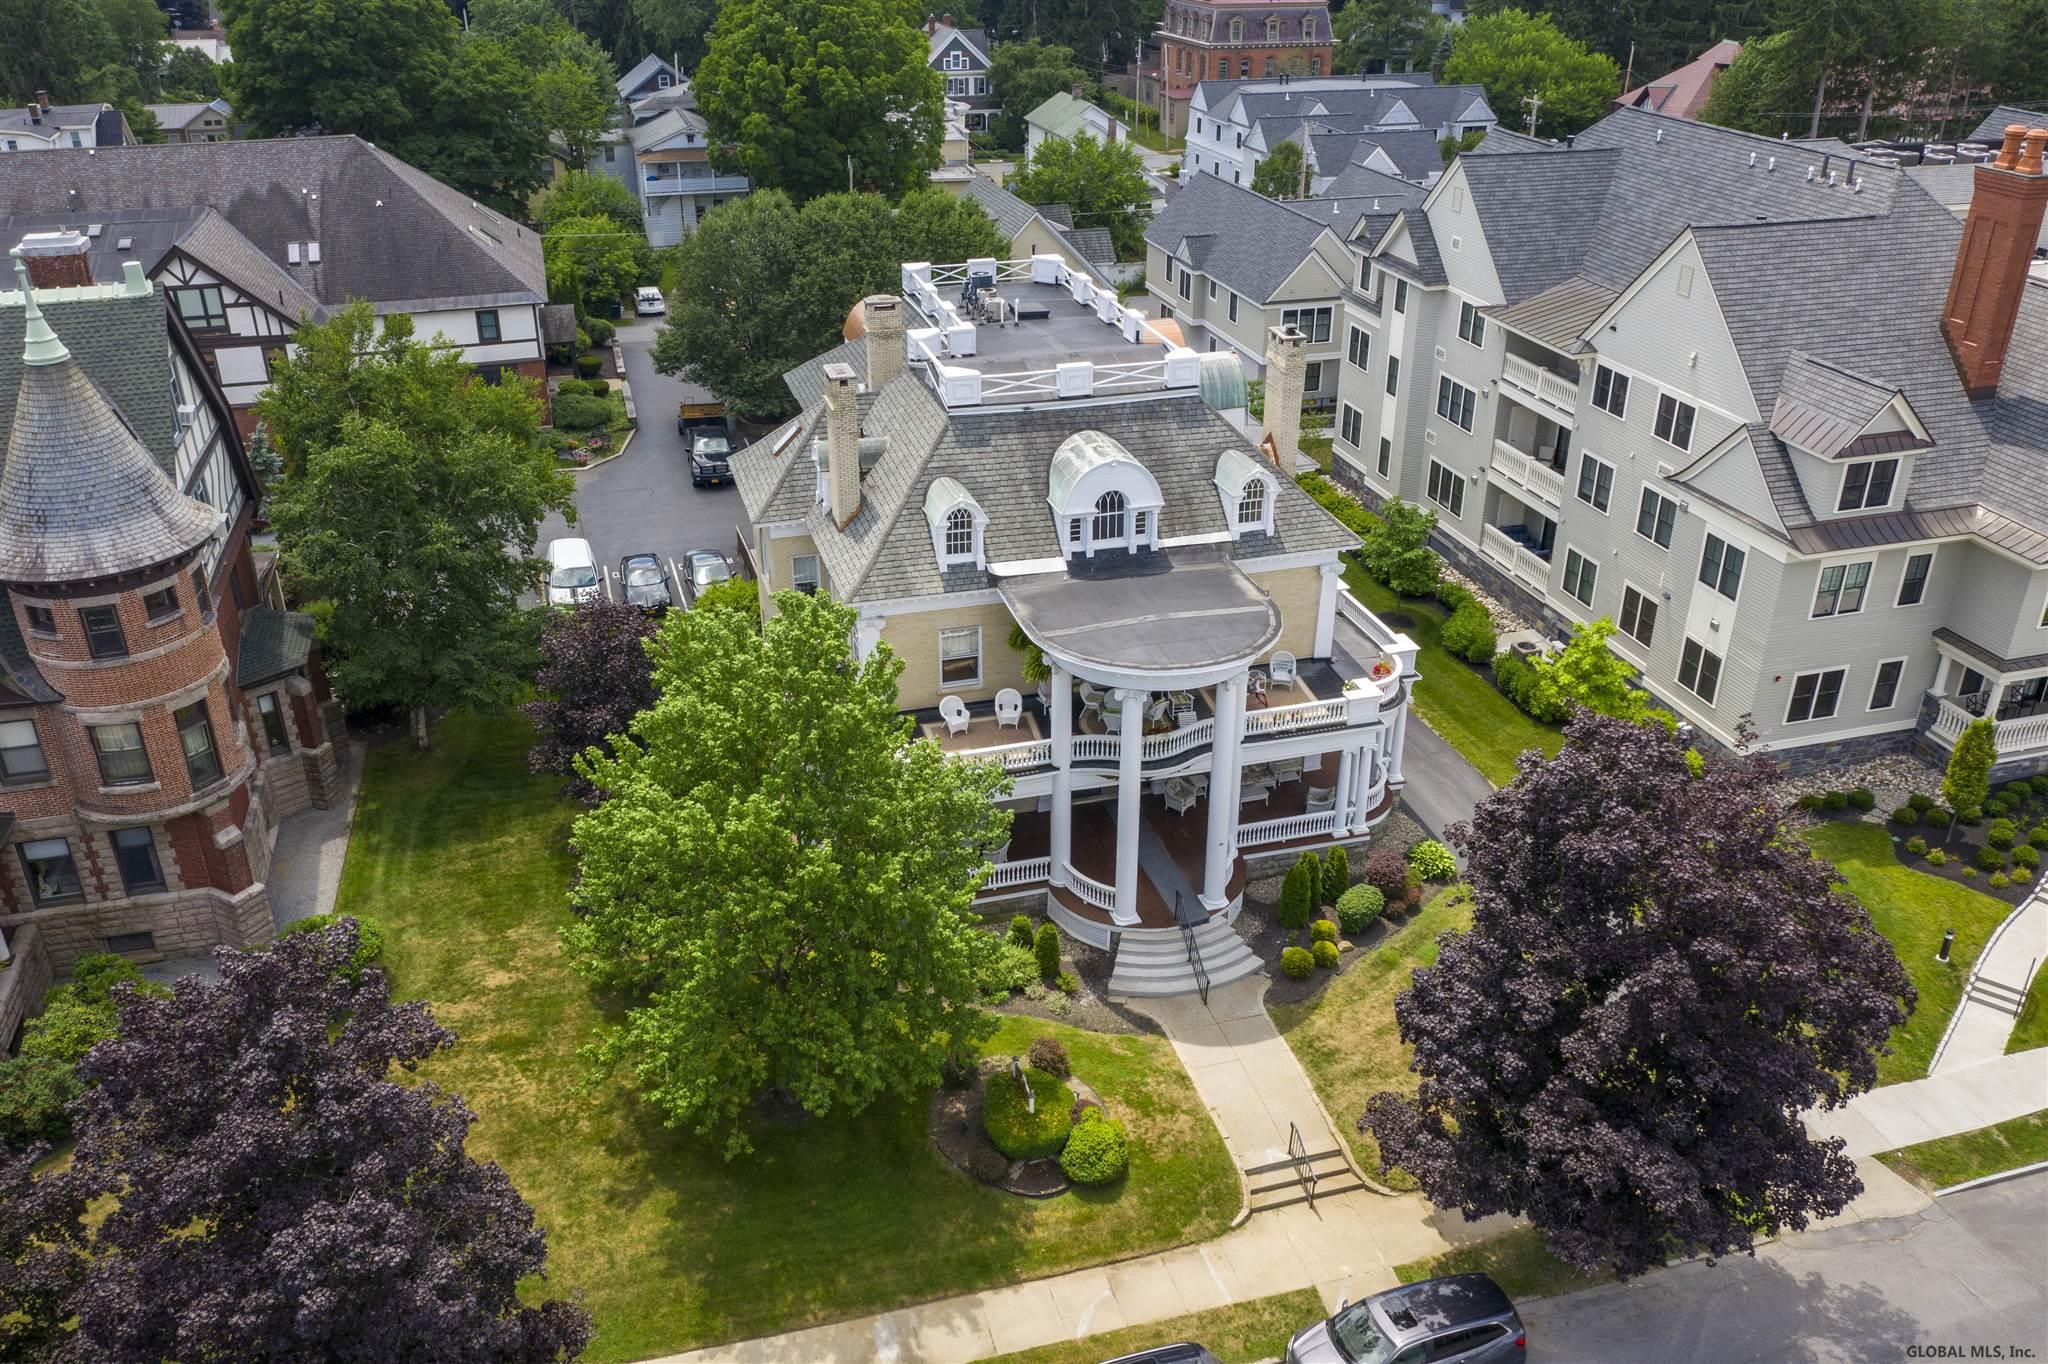 Saratoga S image 20